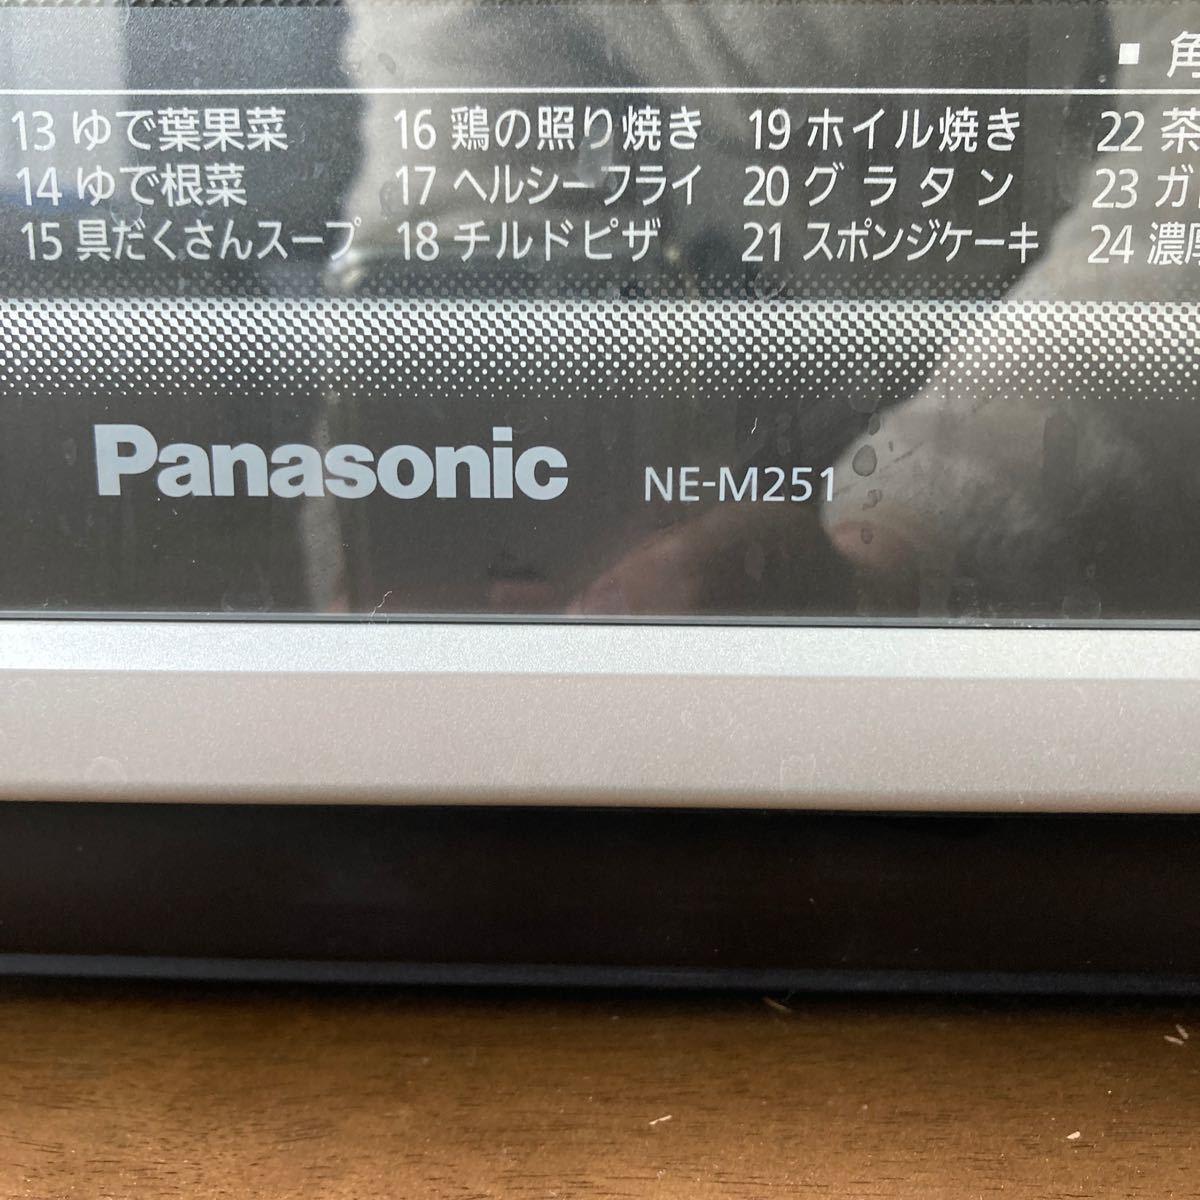 パナソニックオーブンレンジ NE-M251